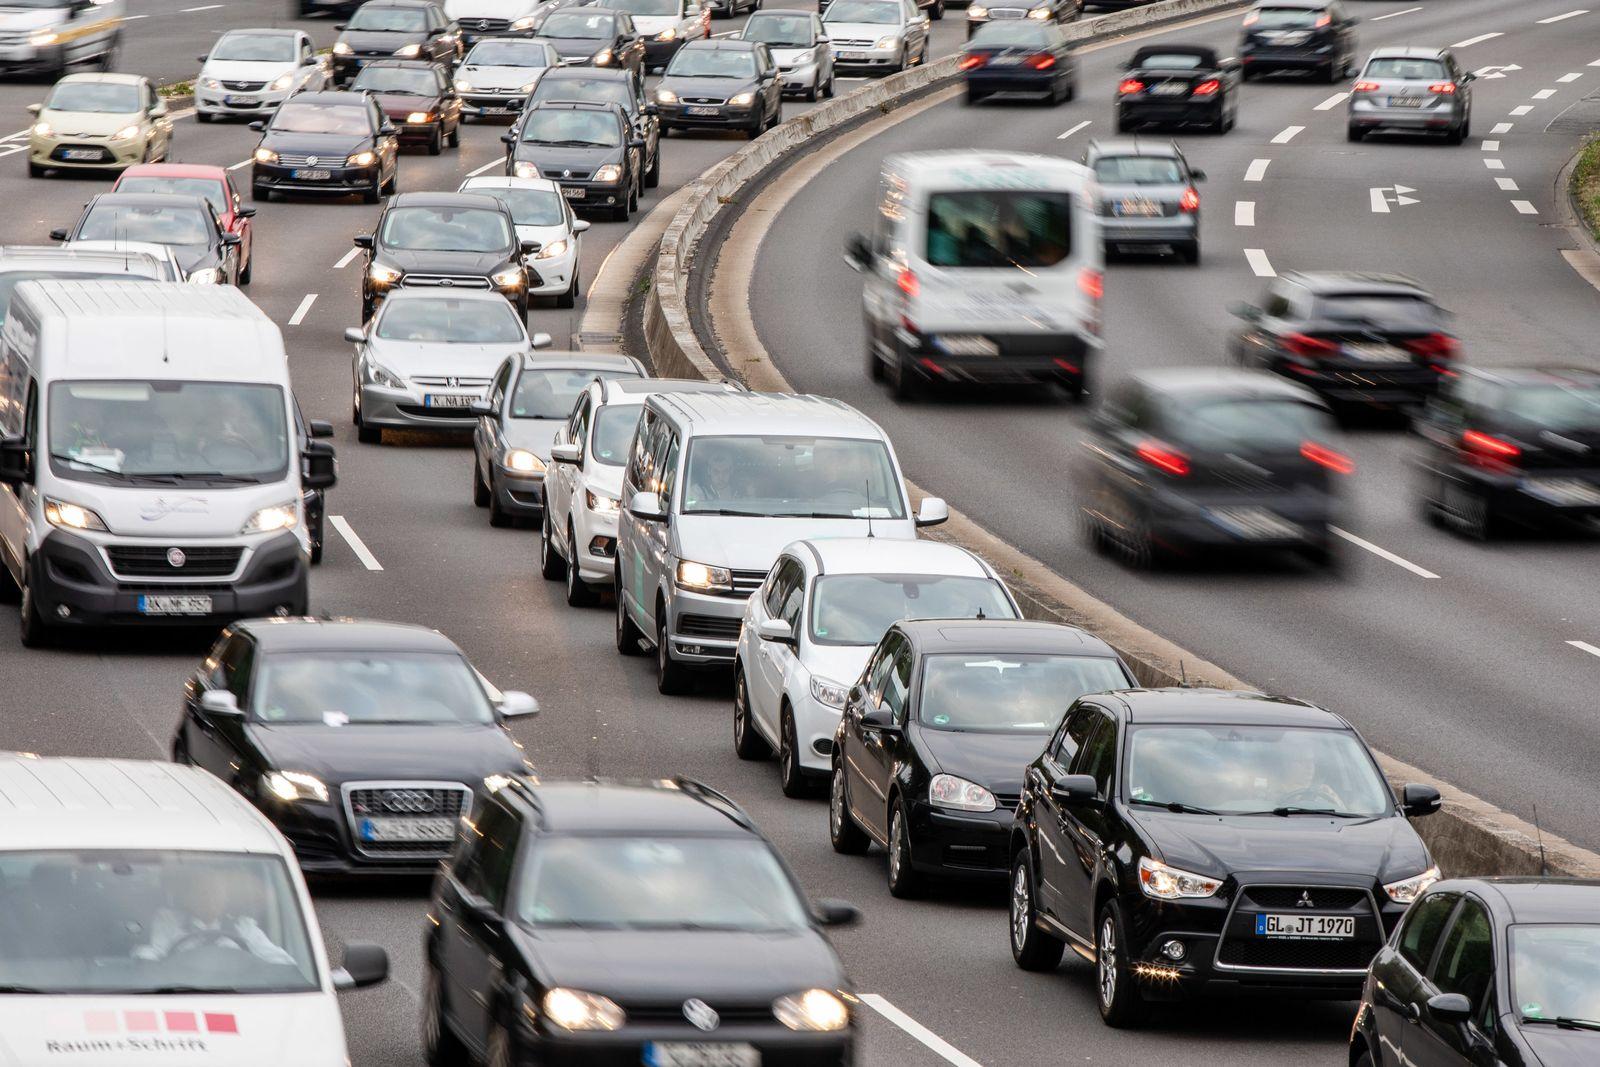 Oberverwaltungsgericht verhandelt über Dieselfahrverbot in Köln